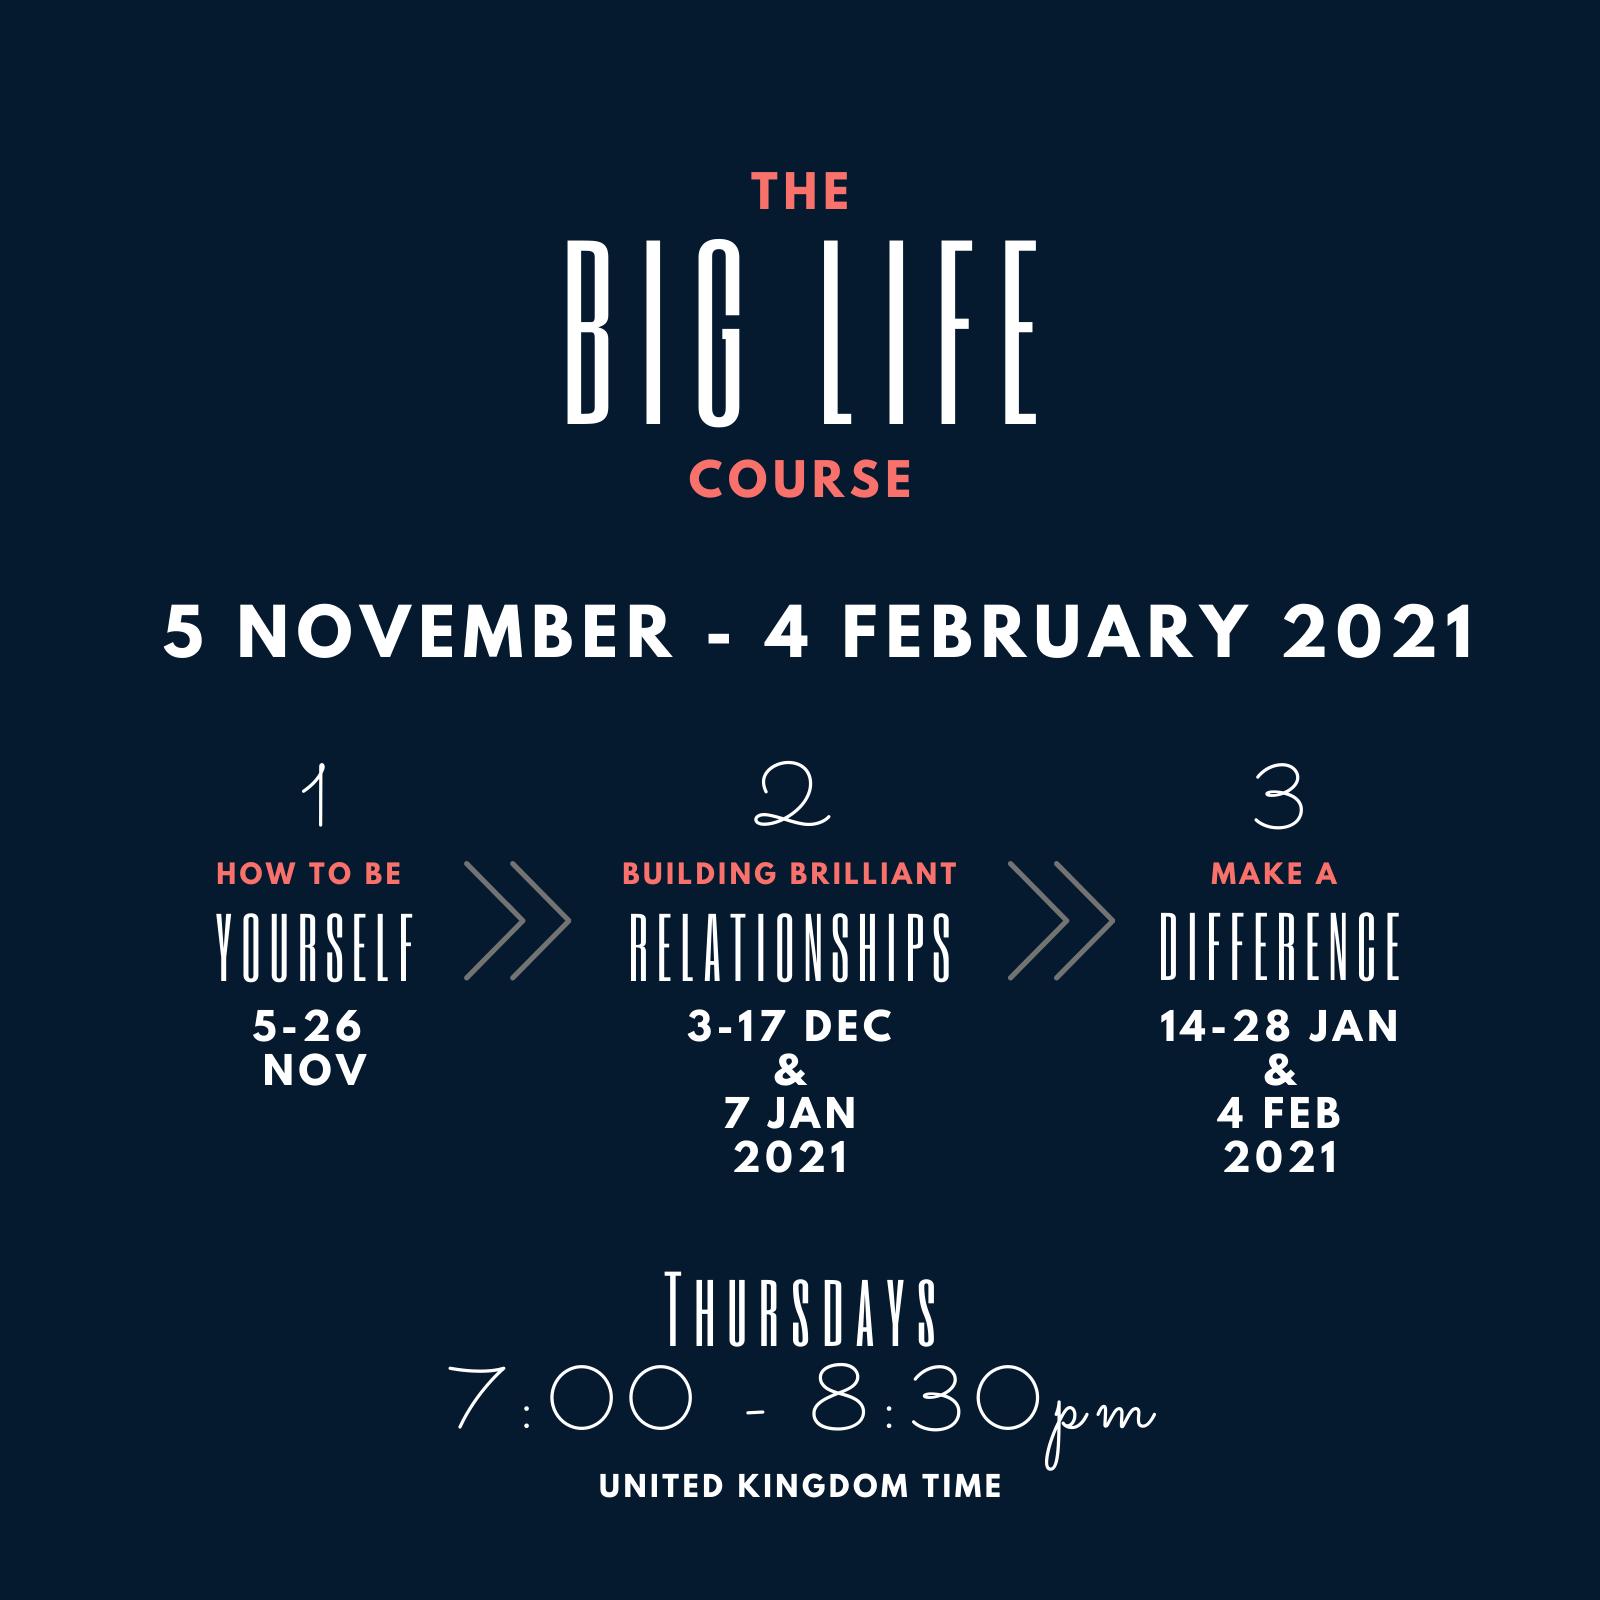 The Big Life Course 5 Nov - 4 Feb 2021